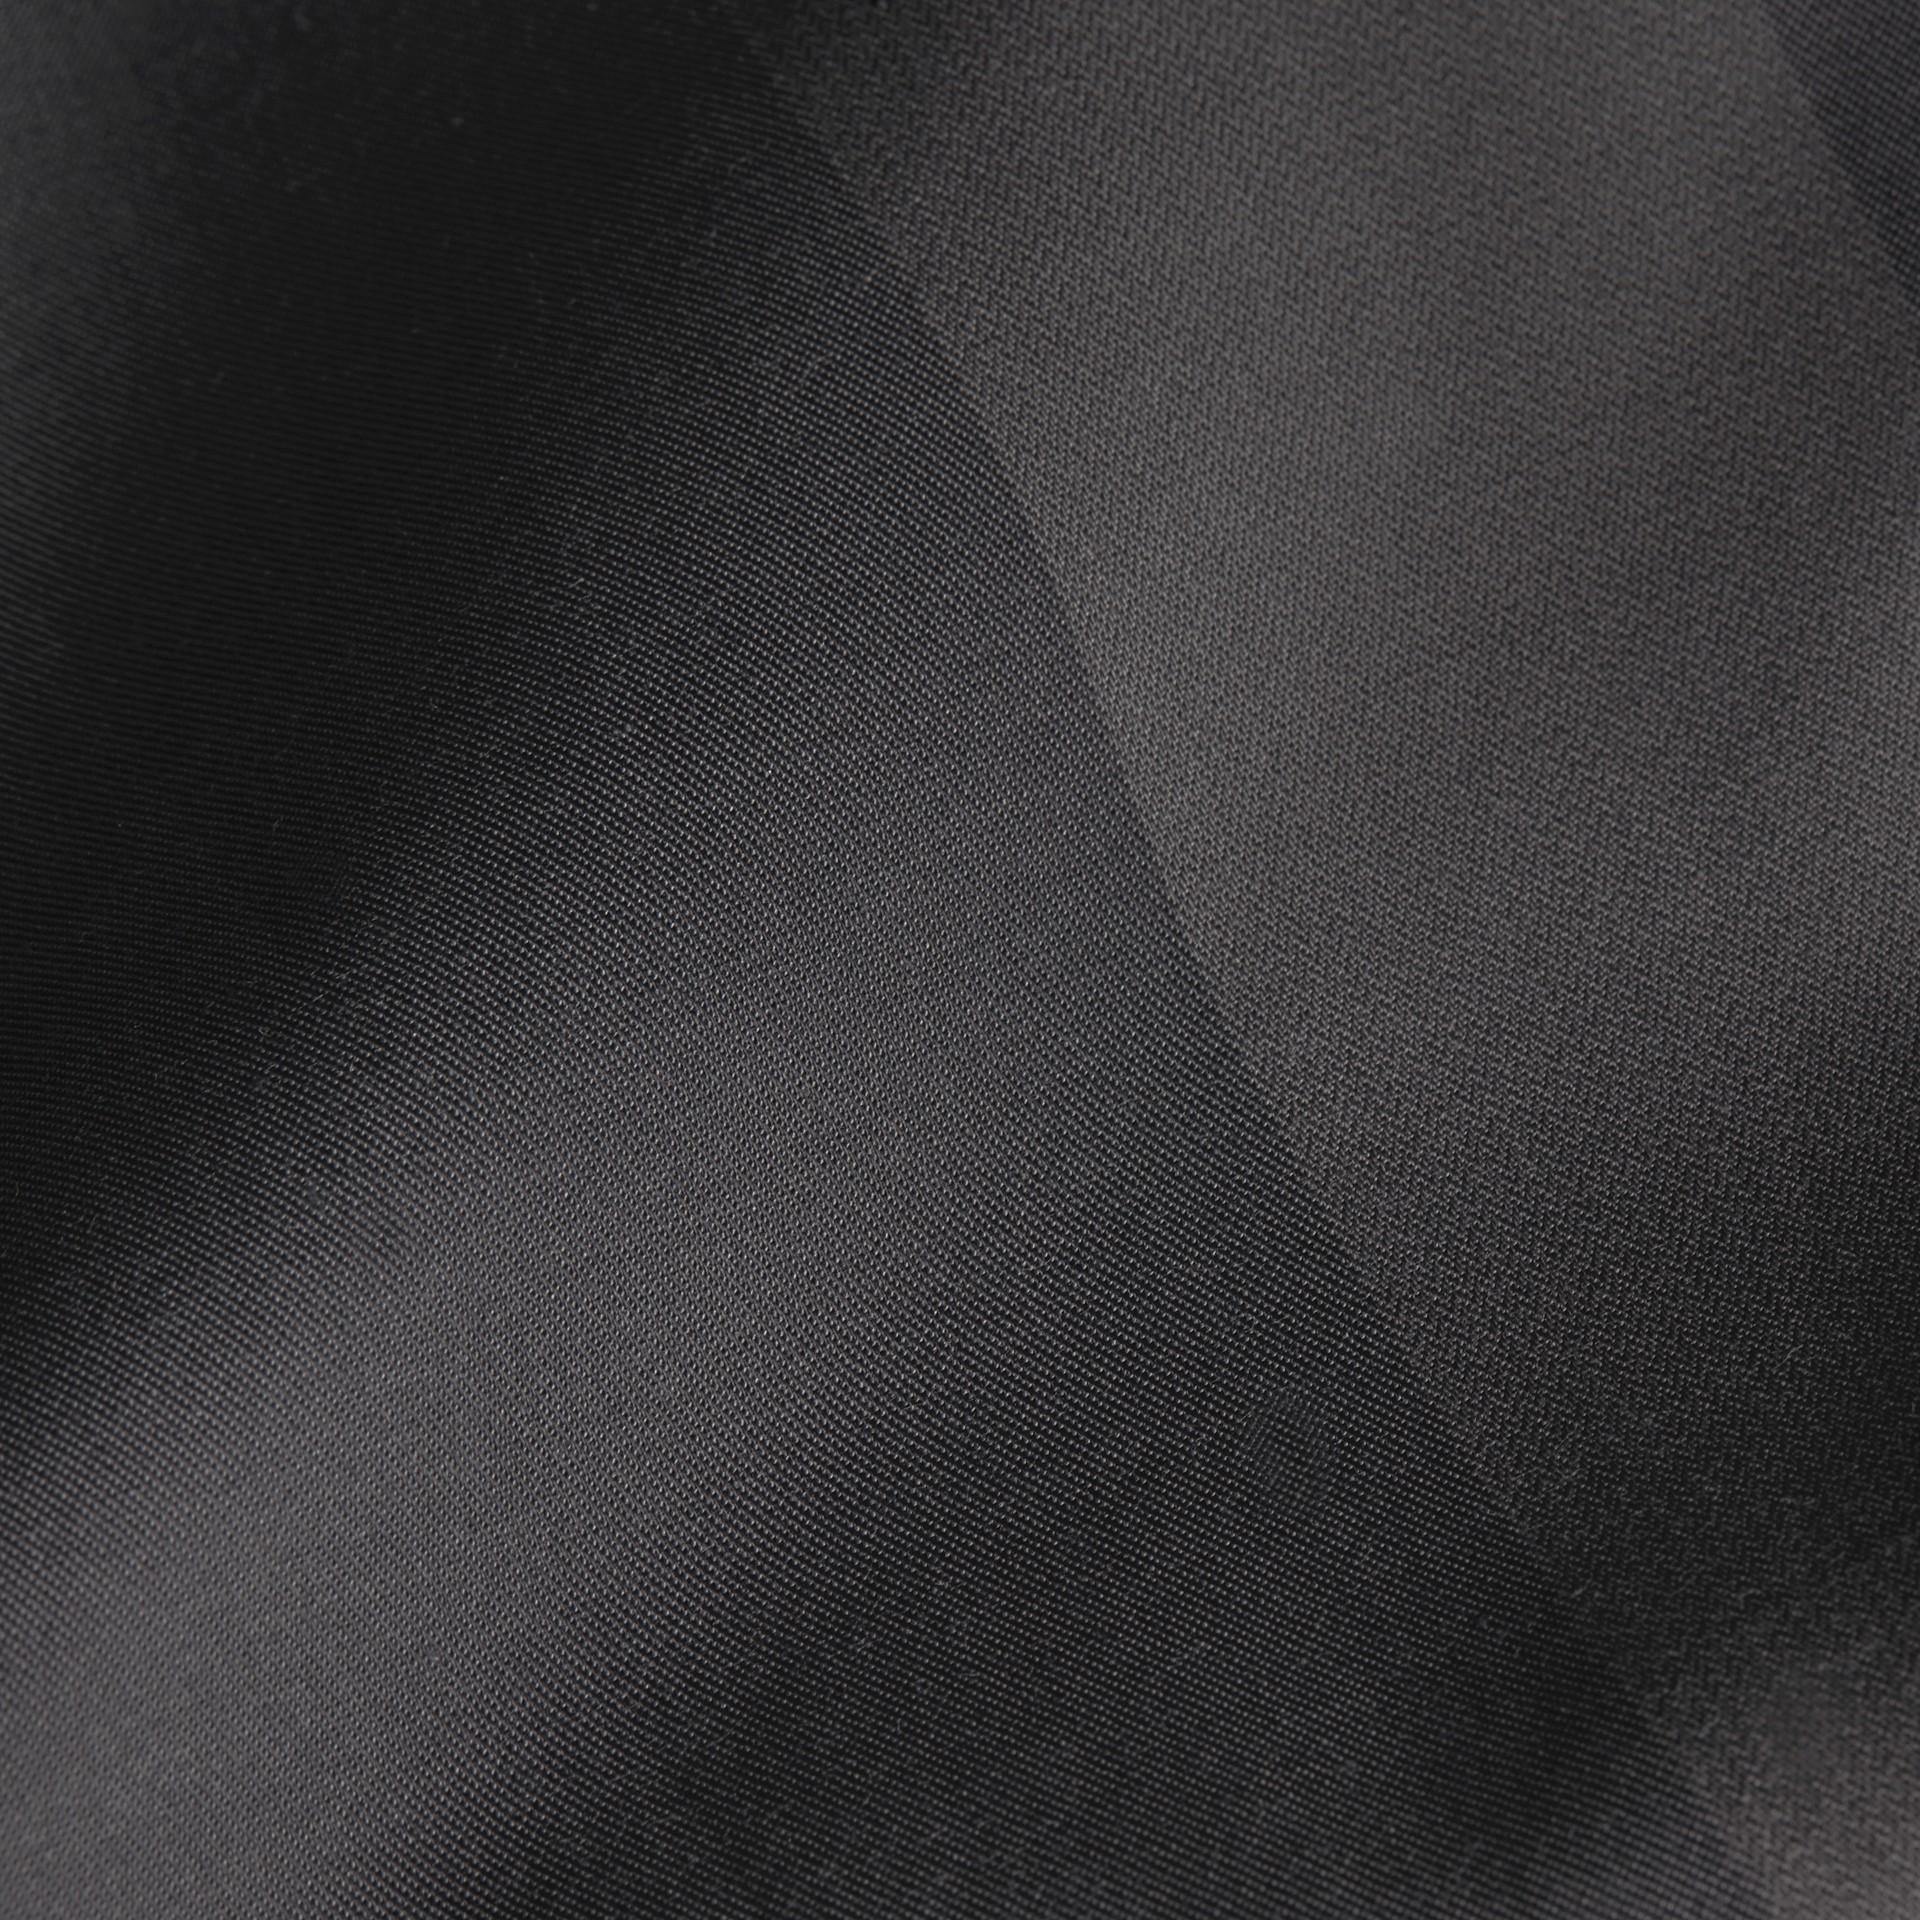 Anthrazitfarben Kurzärmeliges Baumwollhemd mit Check-Muster Anthrazitfarben - Galerie-Bild 2